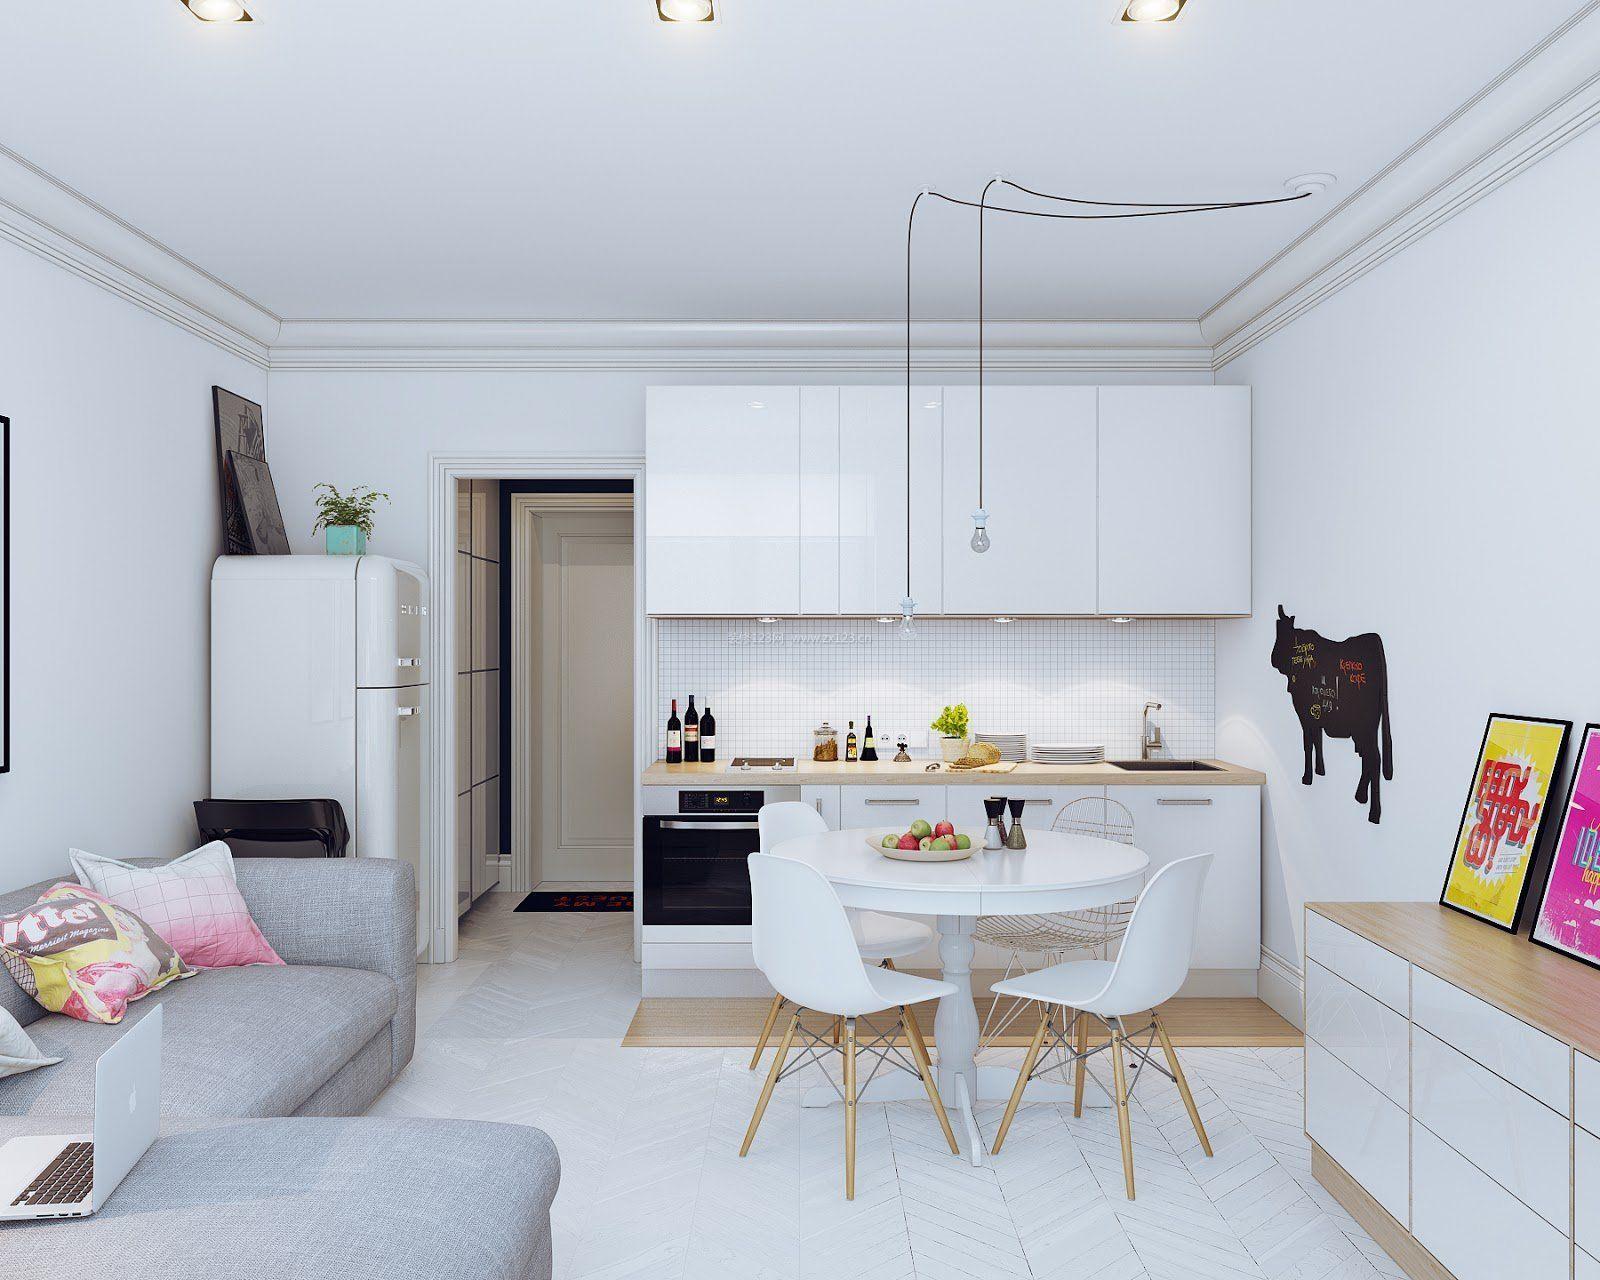 厨房和客厅一体装修图